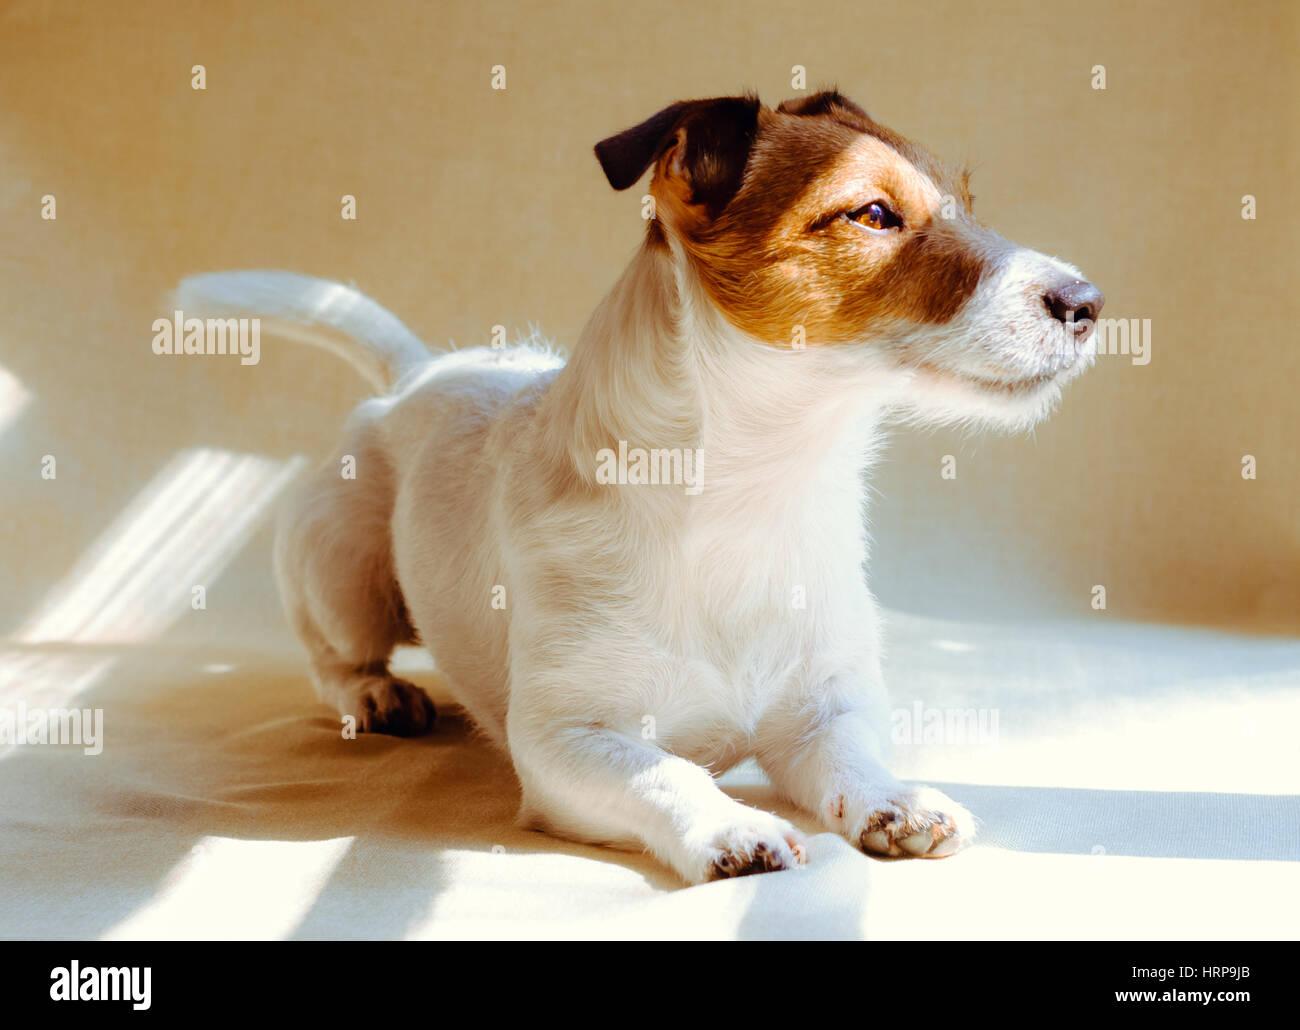 Ruhiger Hund warten Sie zu Hause in der Nähe von Fenster Stockbild